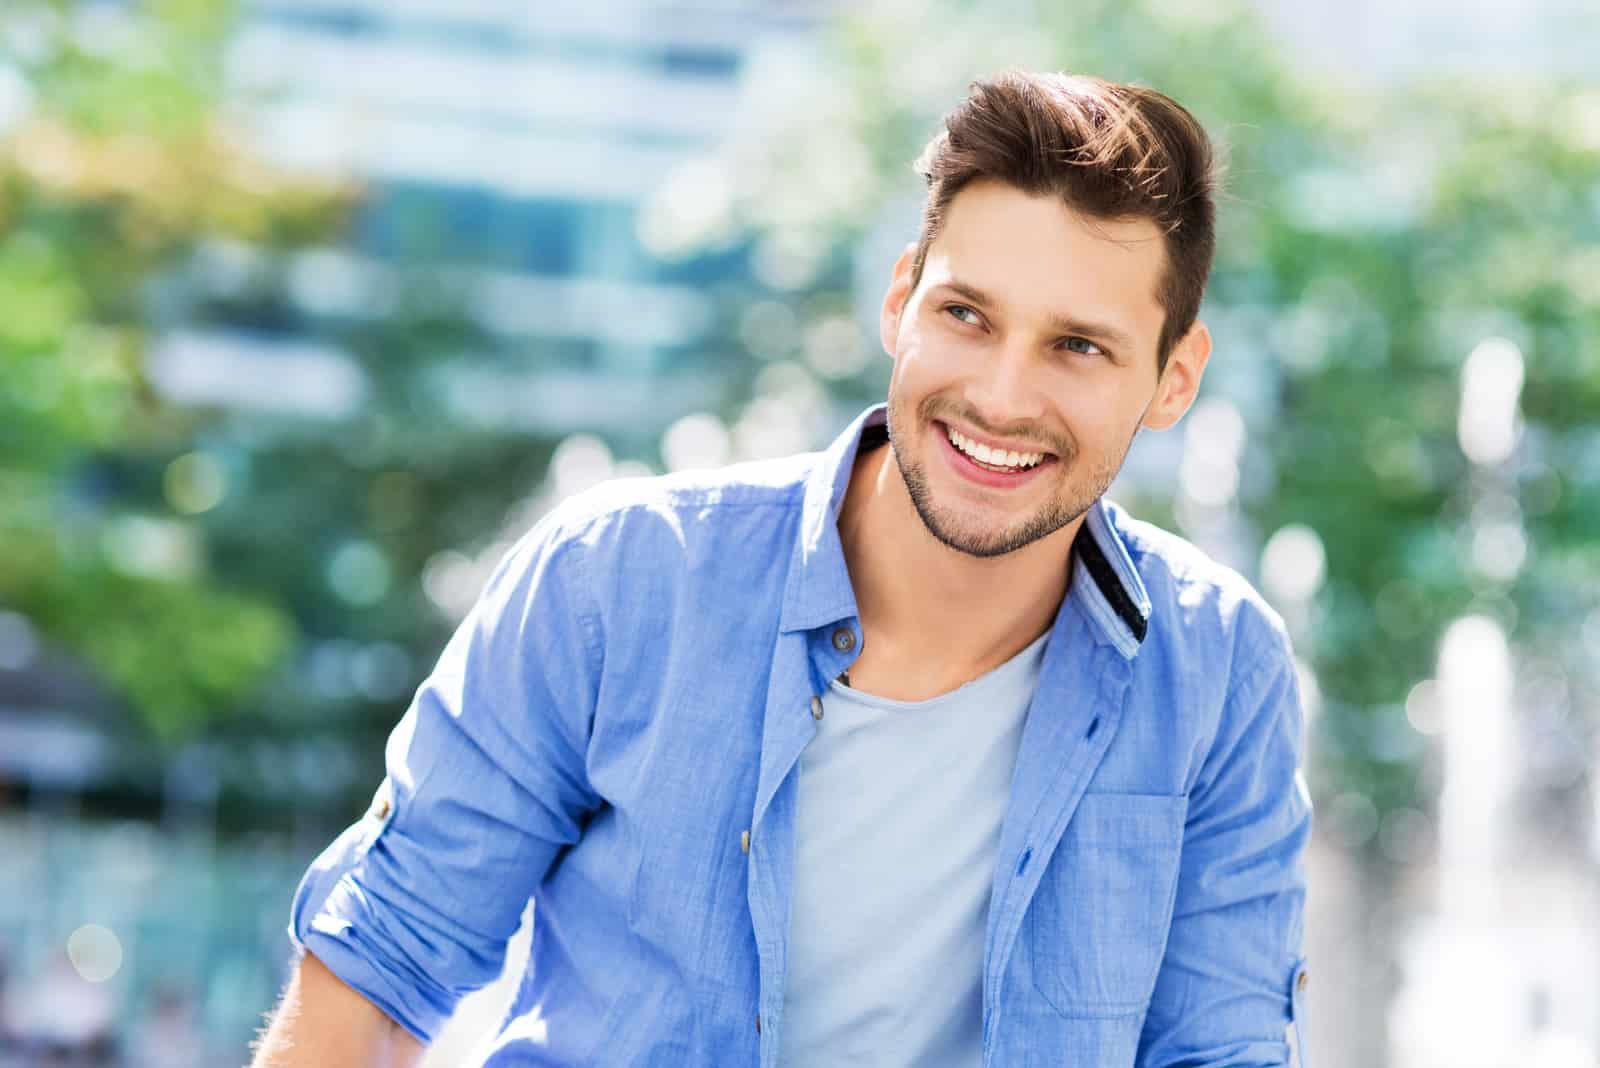 un homme souriant